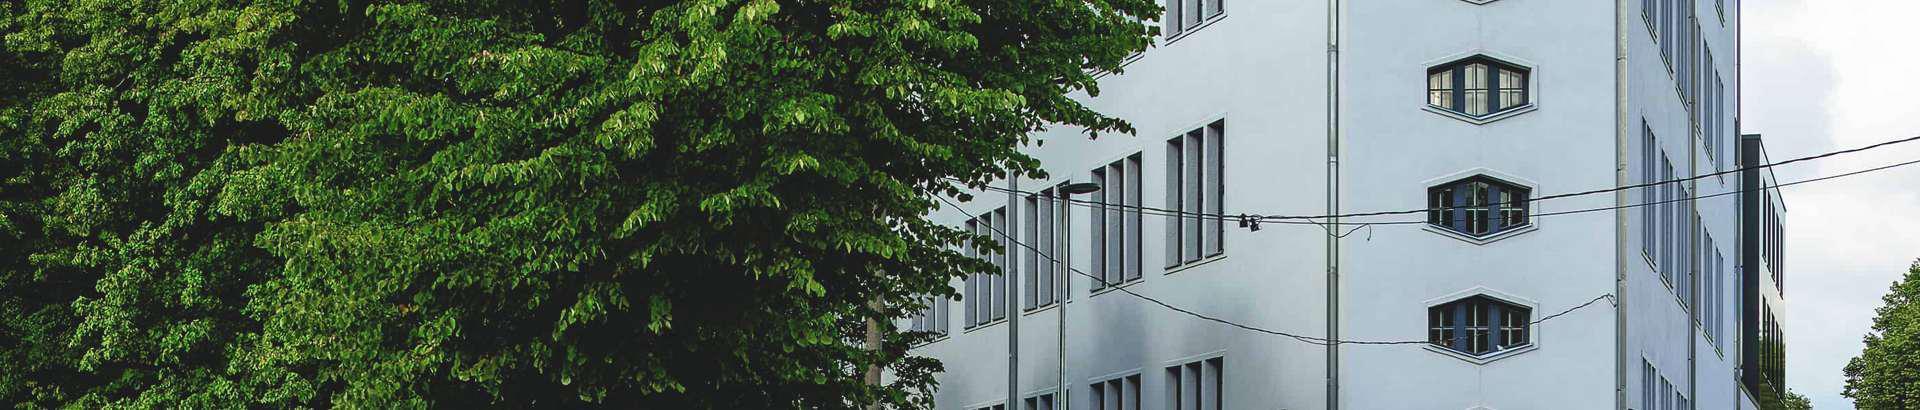 74000624_eesti-kunstiakadeemia_68520510_xl.jpg